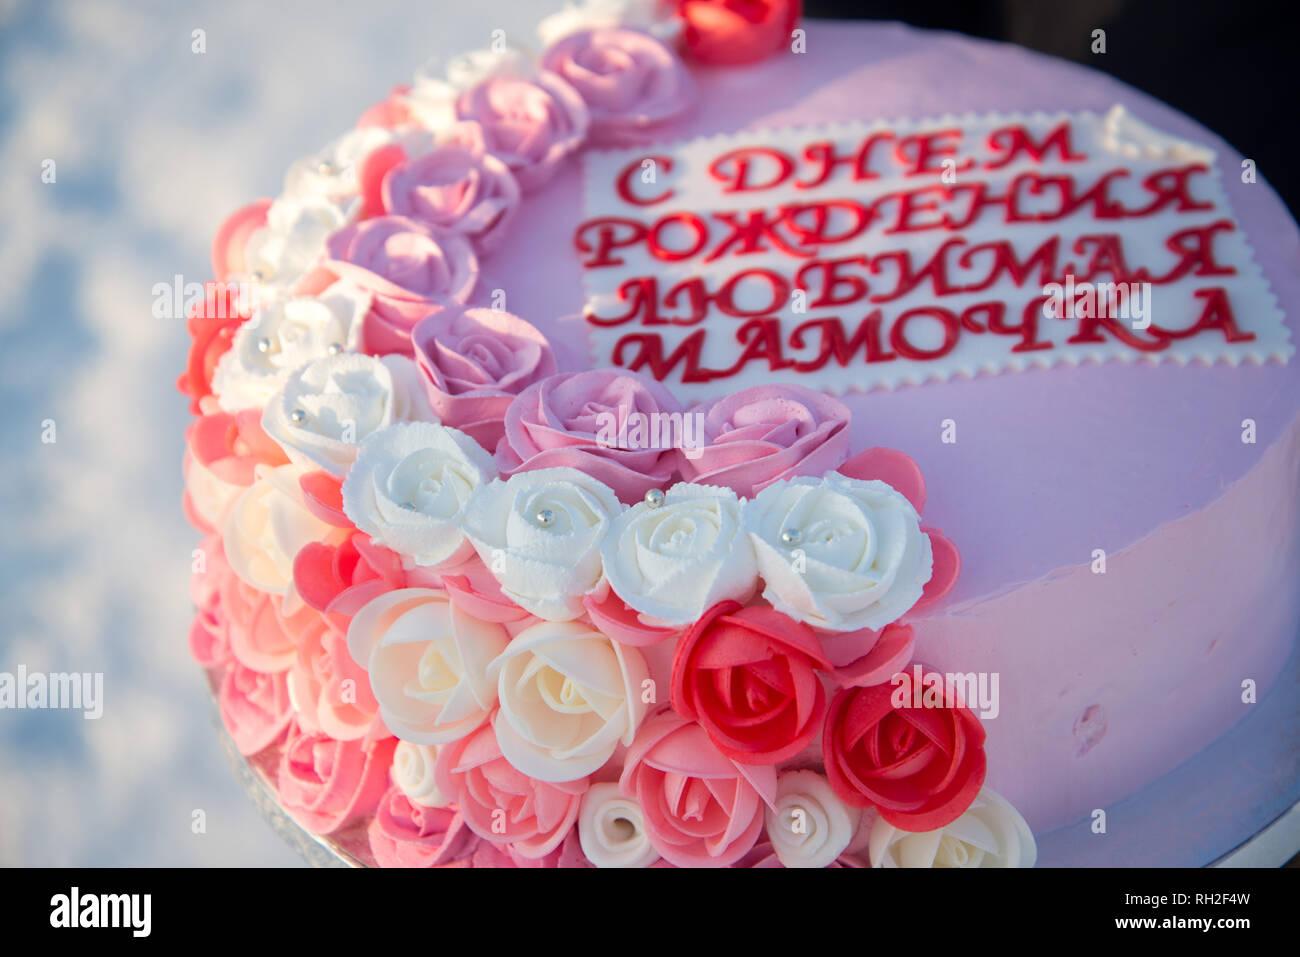 Bella Torta Con Fiori Di Colore Rosa Nelle Mani Di Una Ragazza Su